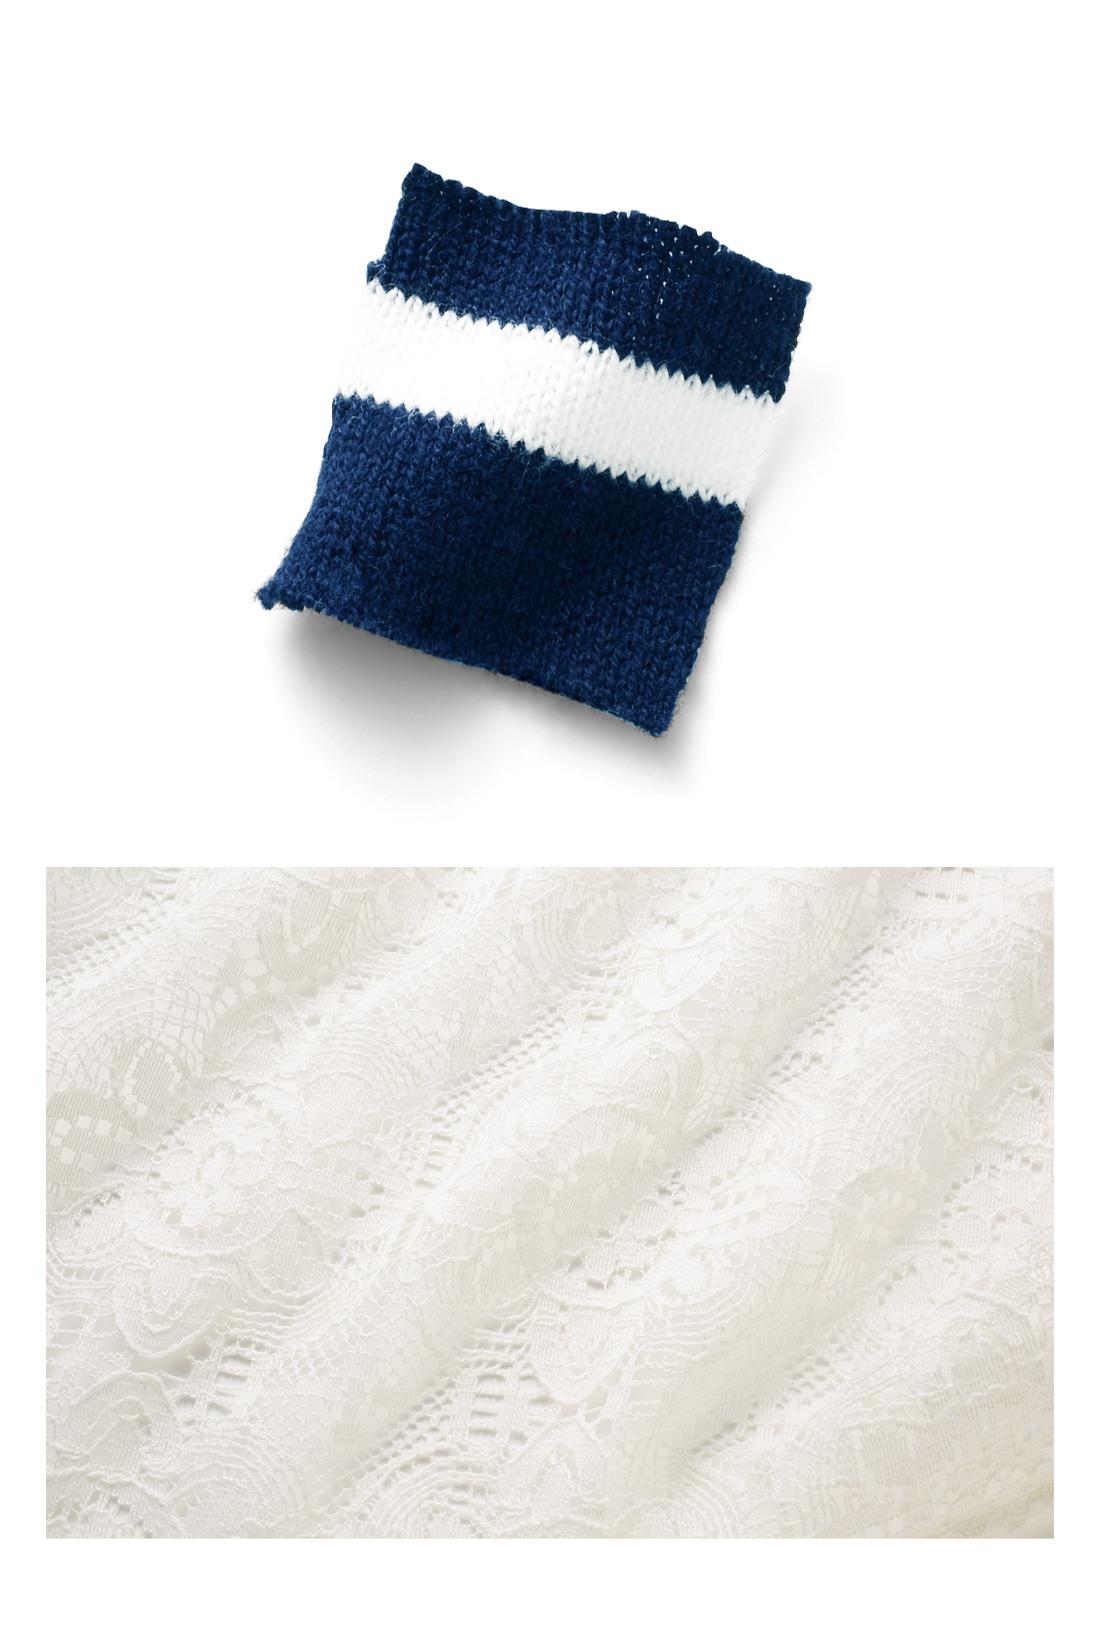 上品見えするピッチと幅を計算したニットは、素肌にやさしい綿100%。大人の華やぎを印象づける豪華で繊細なレース。 ※お届けするカラーとは異なります。